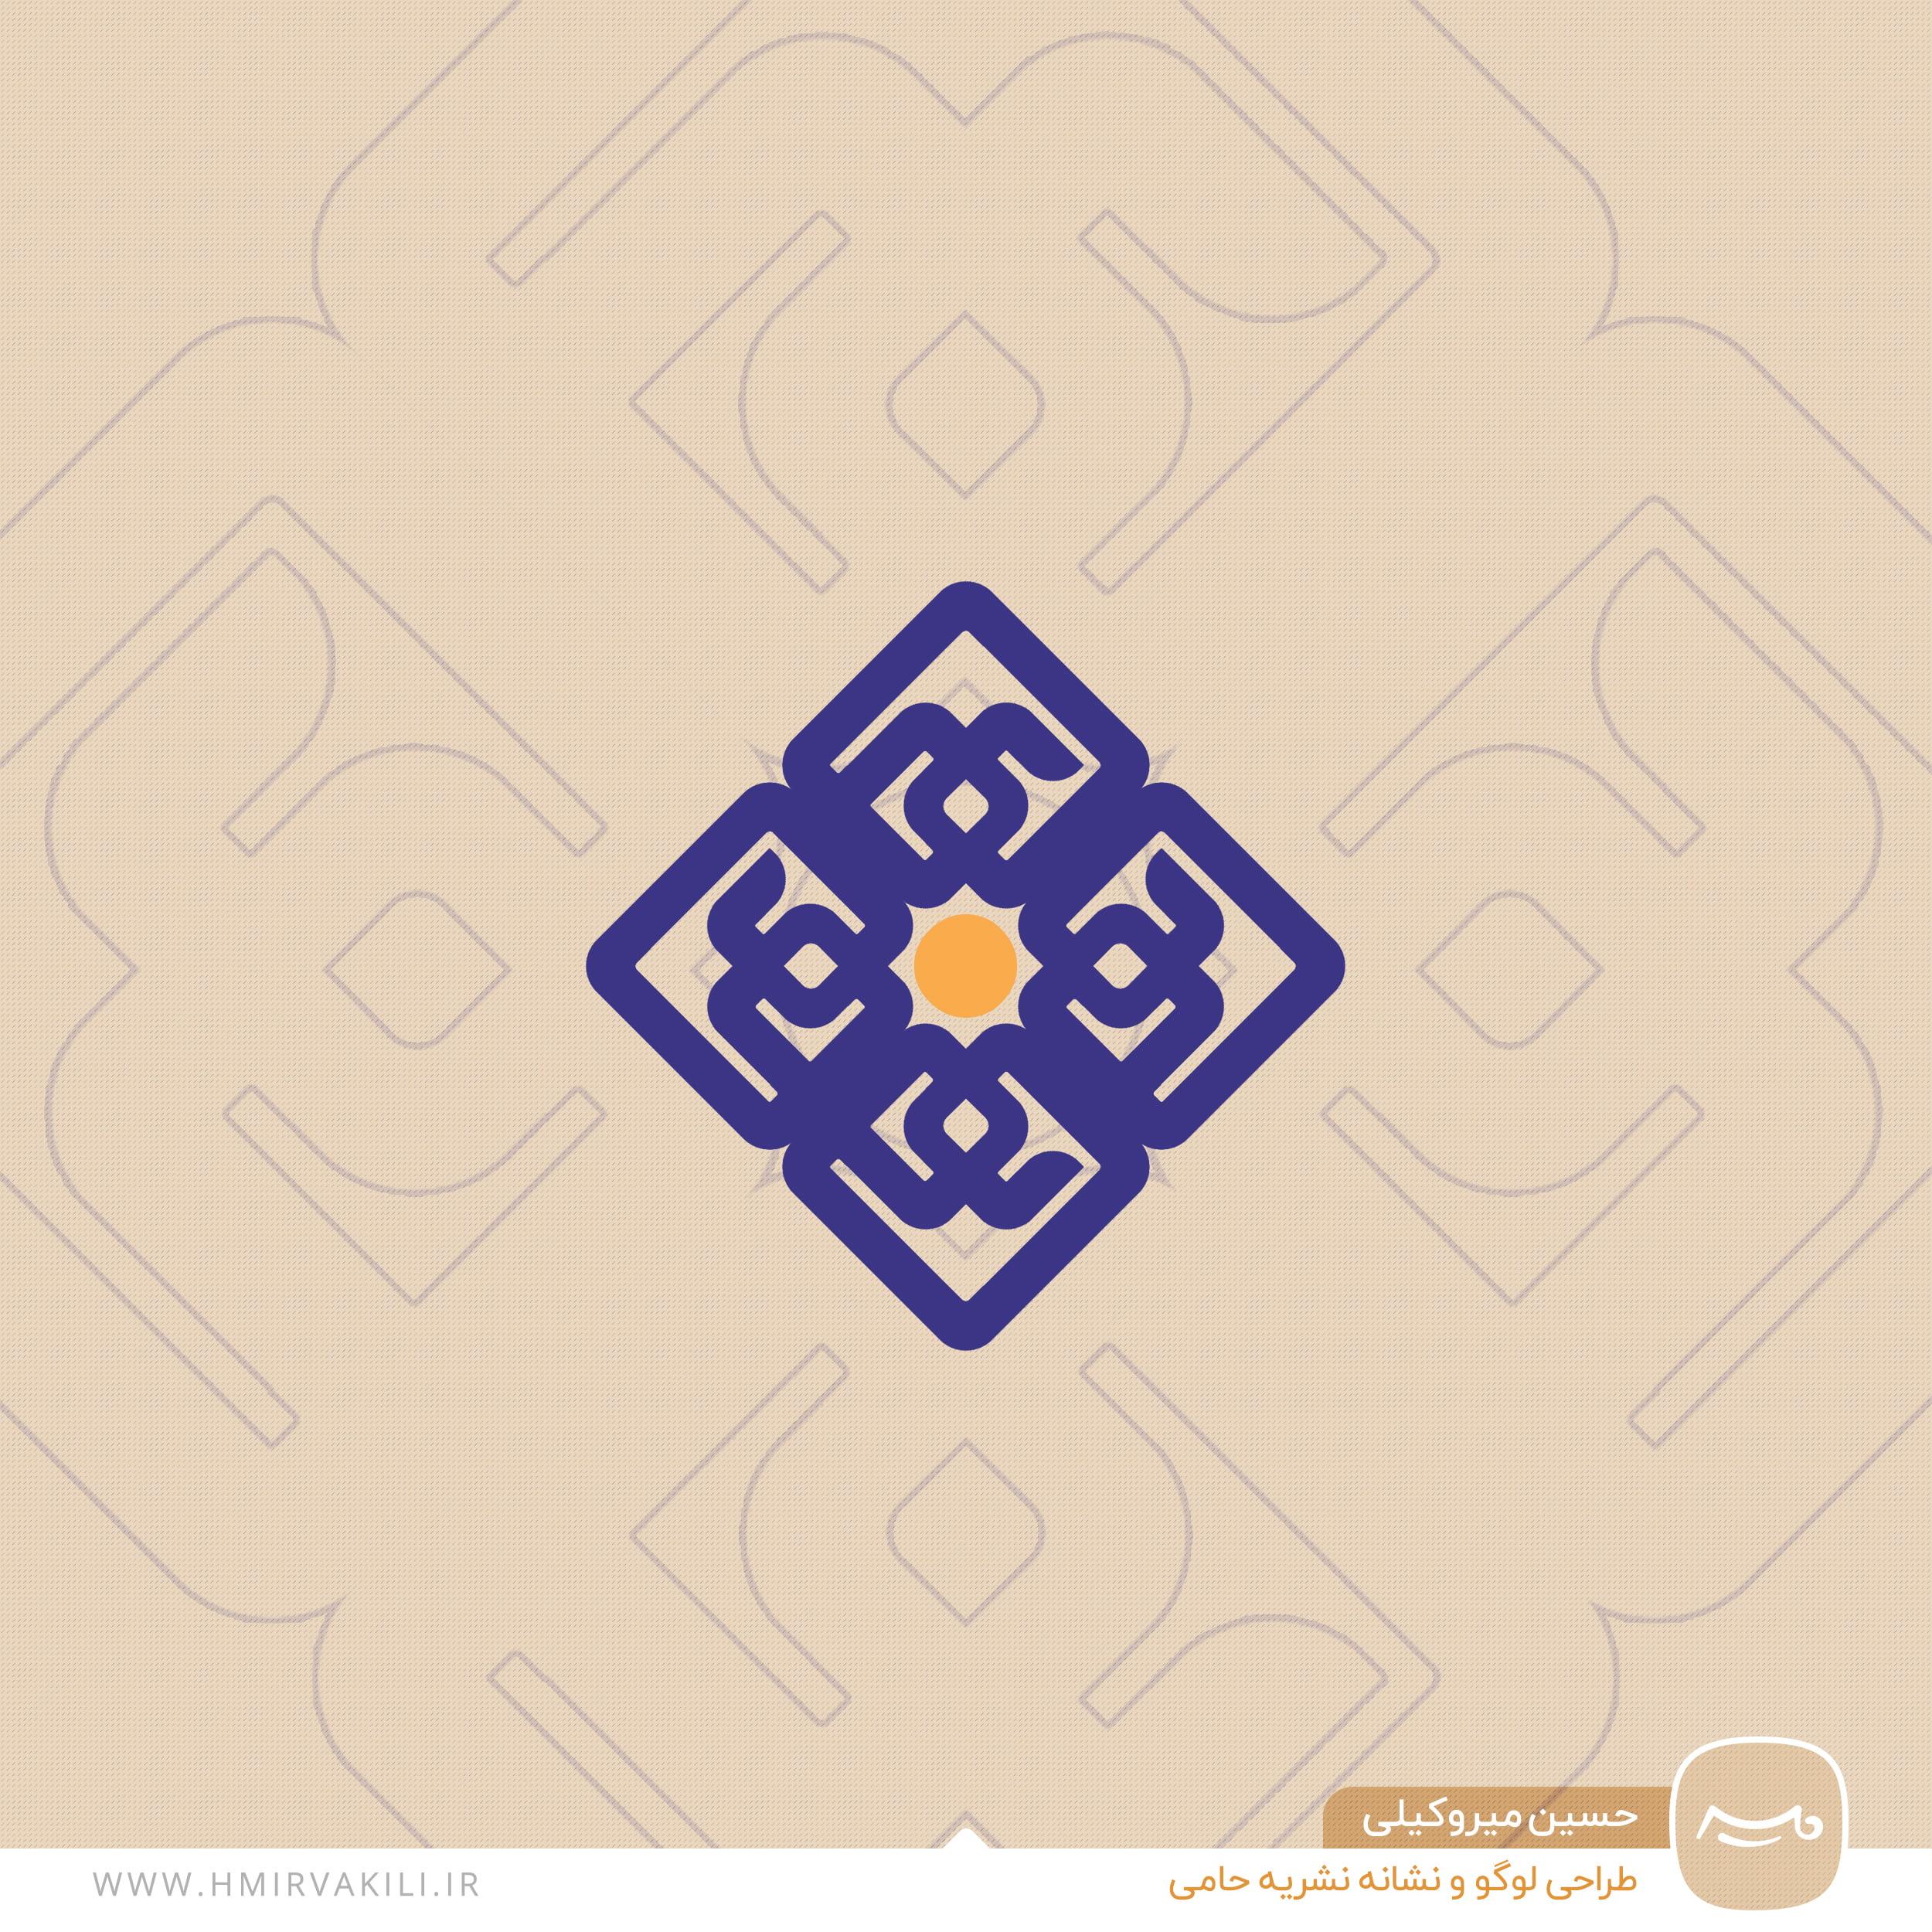 Hami Logo